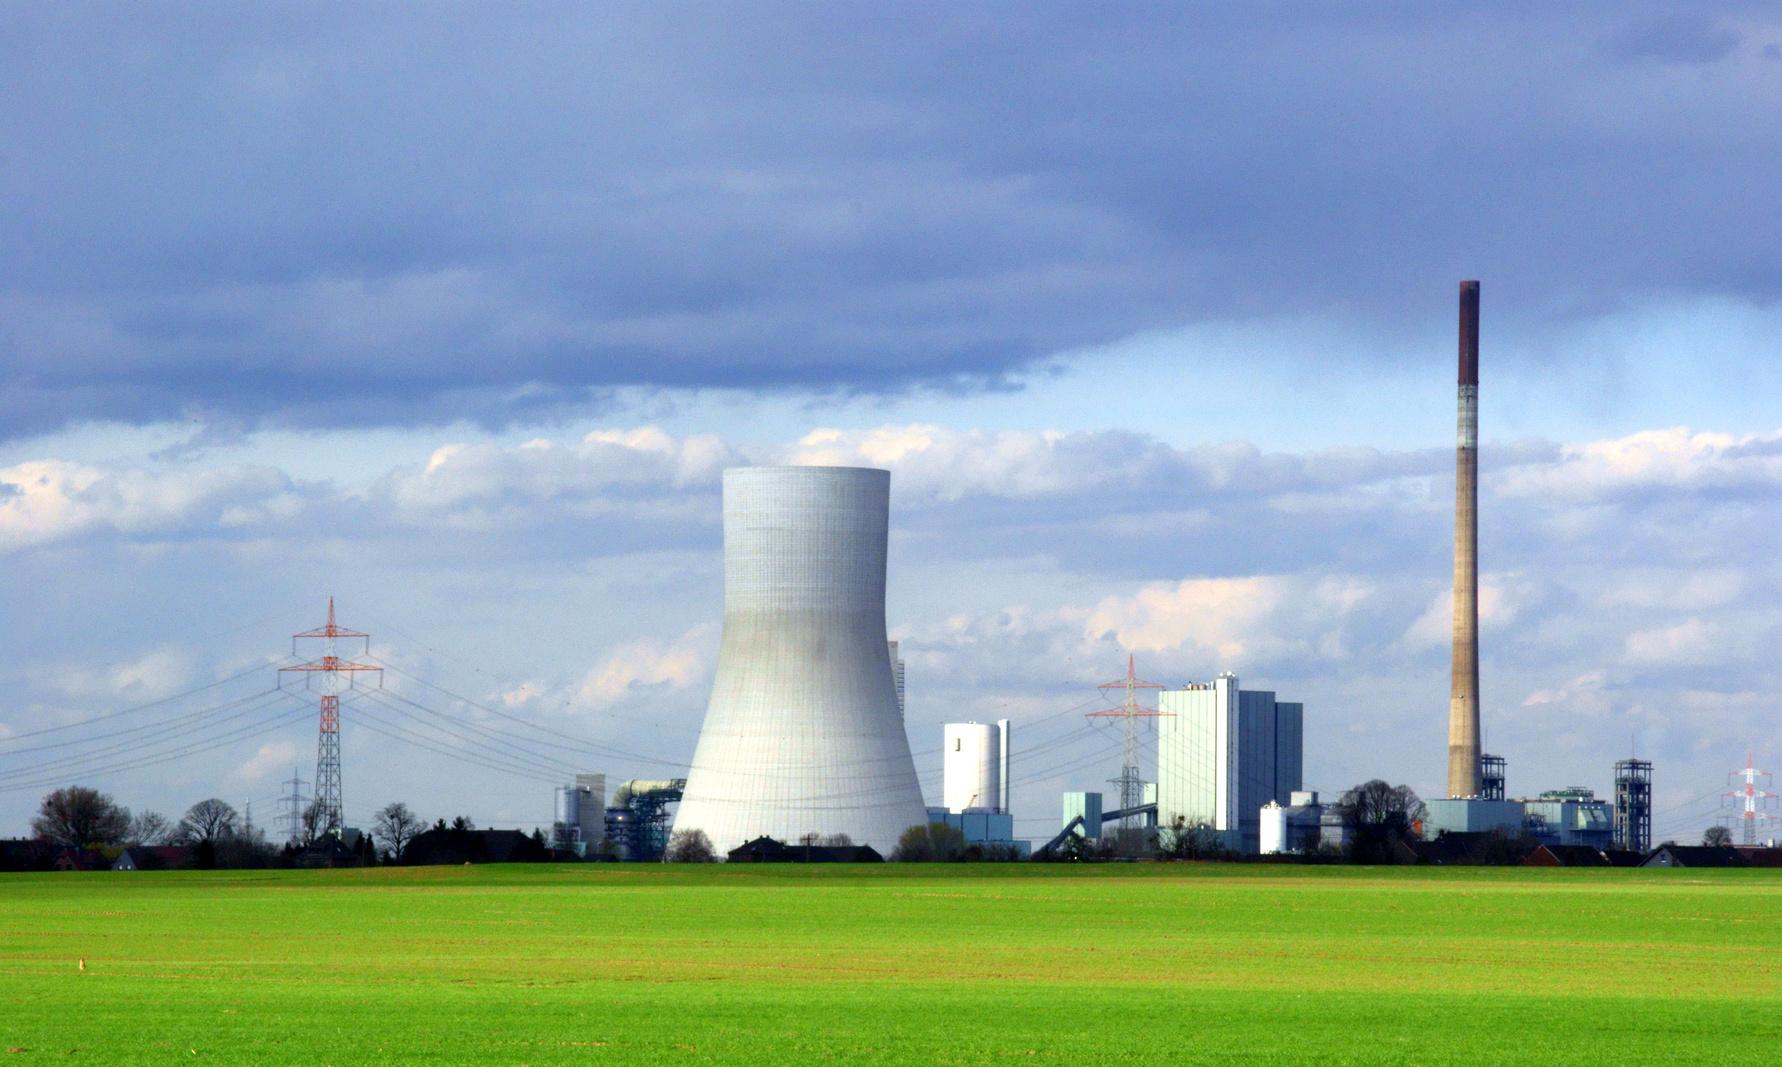 Emissionen von Wärmekraftwerken und anderen Verbrennungsanlagen ...